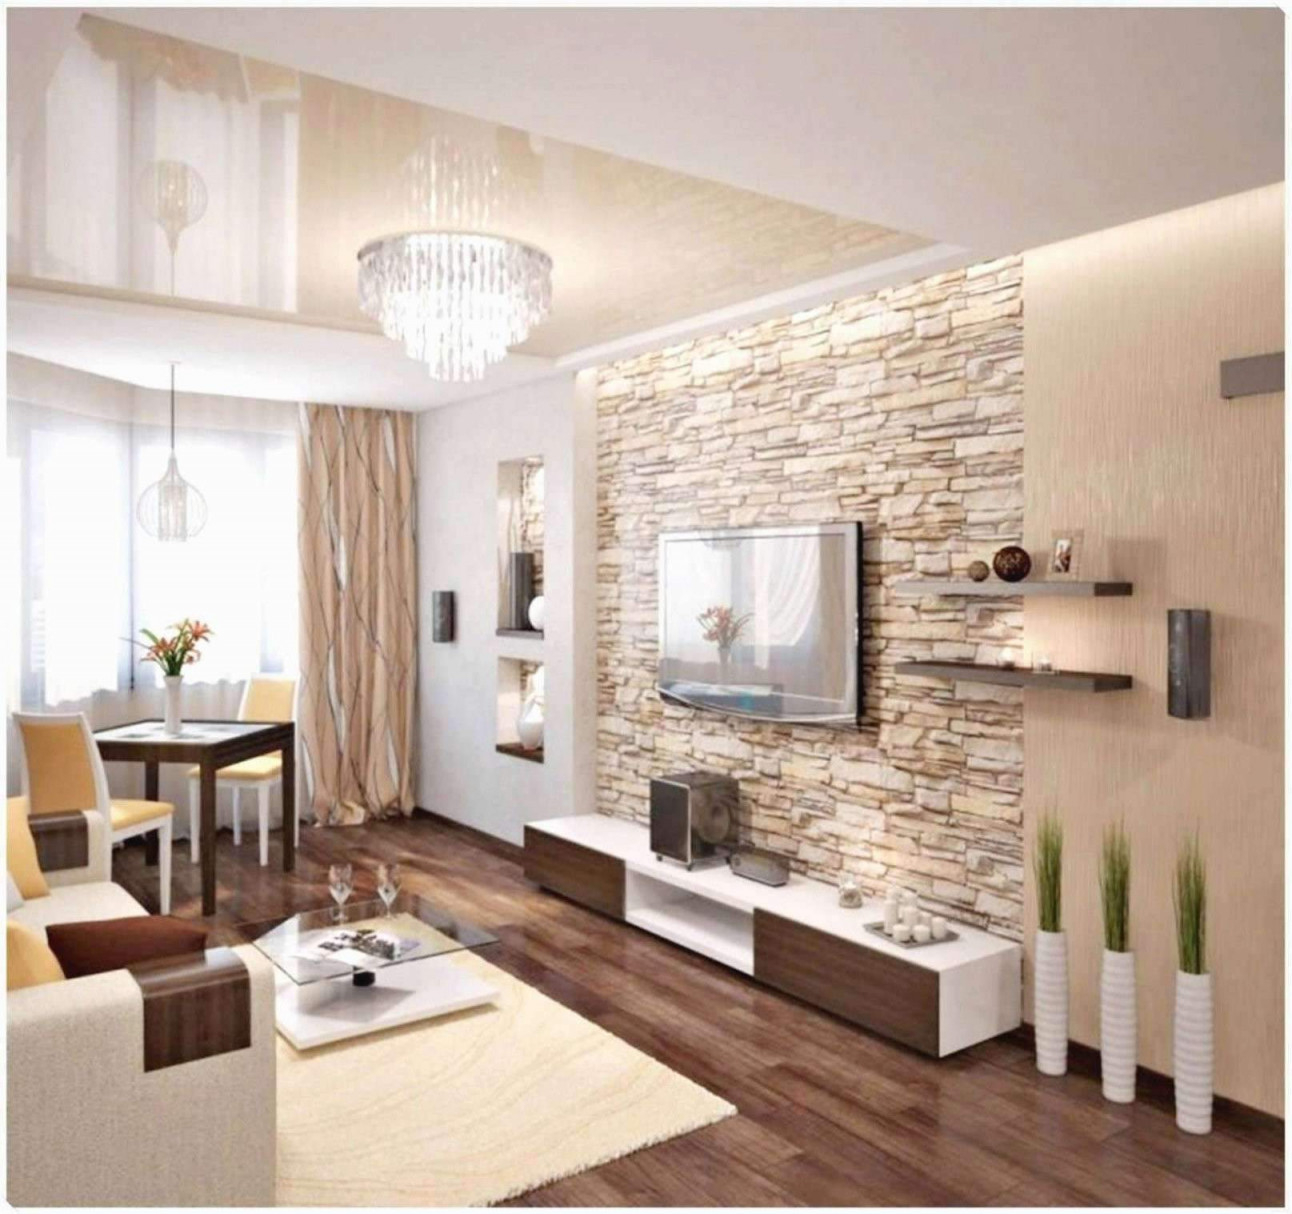 Wohnzimmer Einrichten Farben Das Beste Von 31 Neu Wohnzimmer von Wohnzimmer Mit Farbe Gestalten Photo